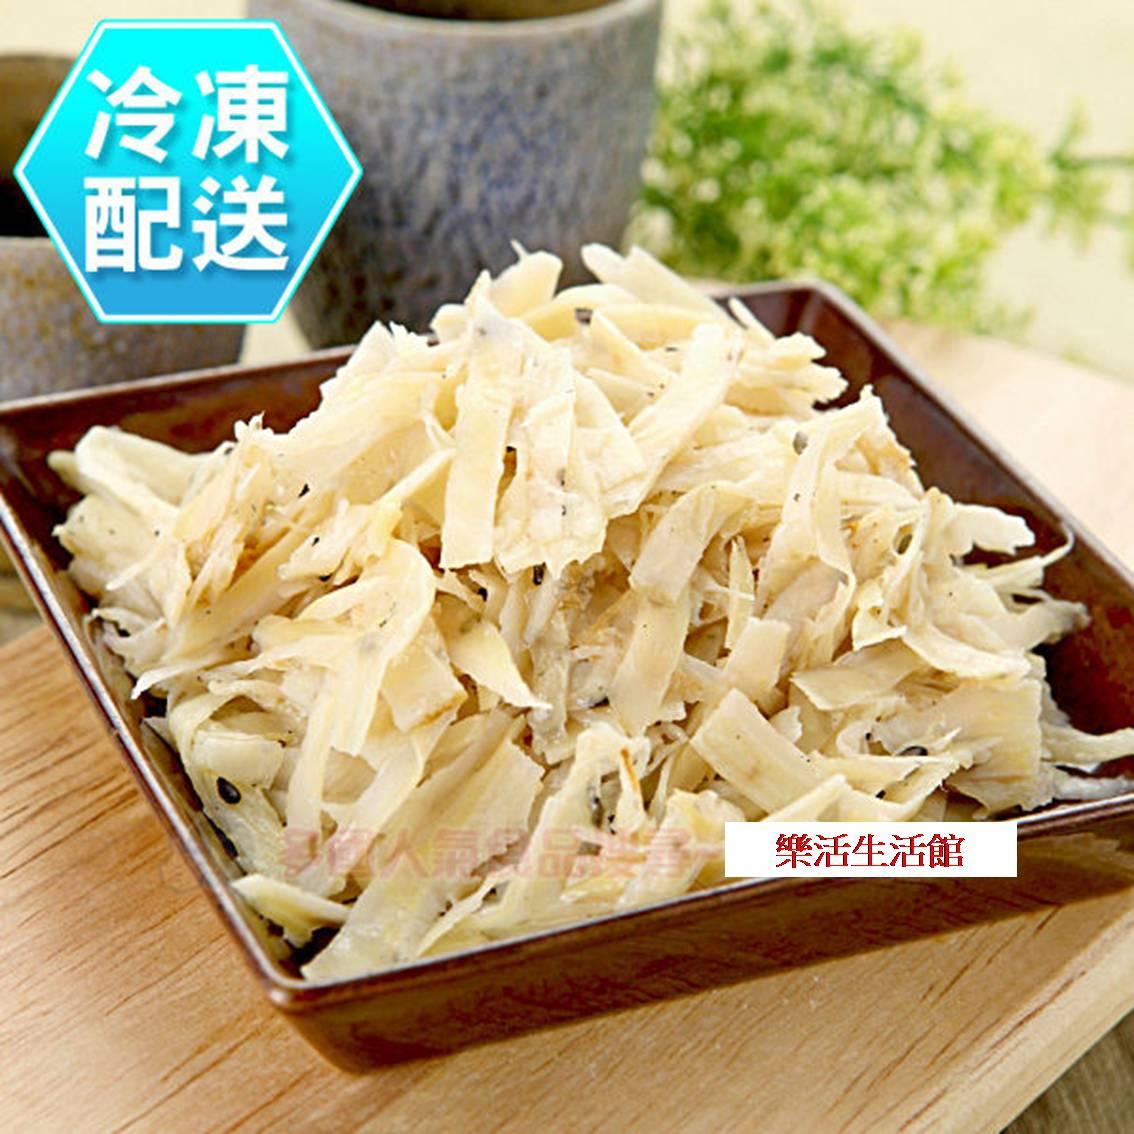 中華牛蒡絲 300g 涼拌 冷凍 【樂活生活館】